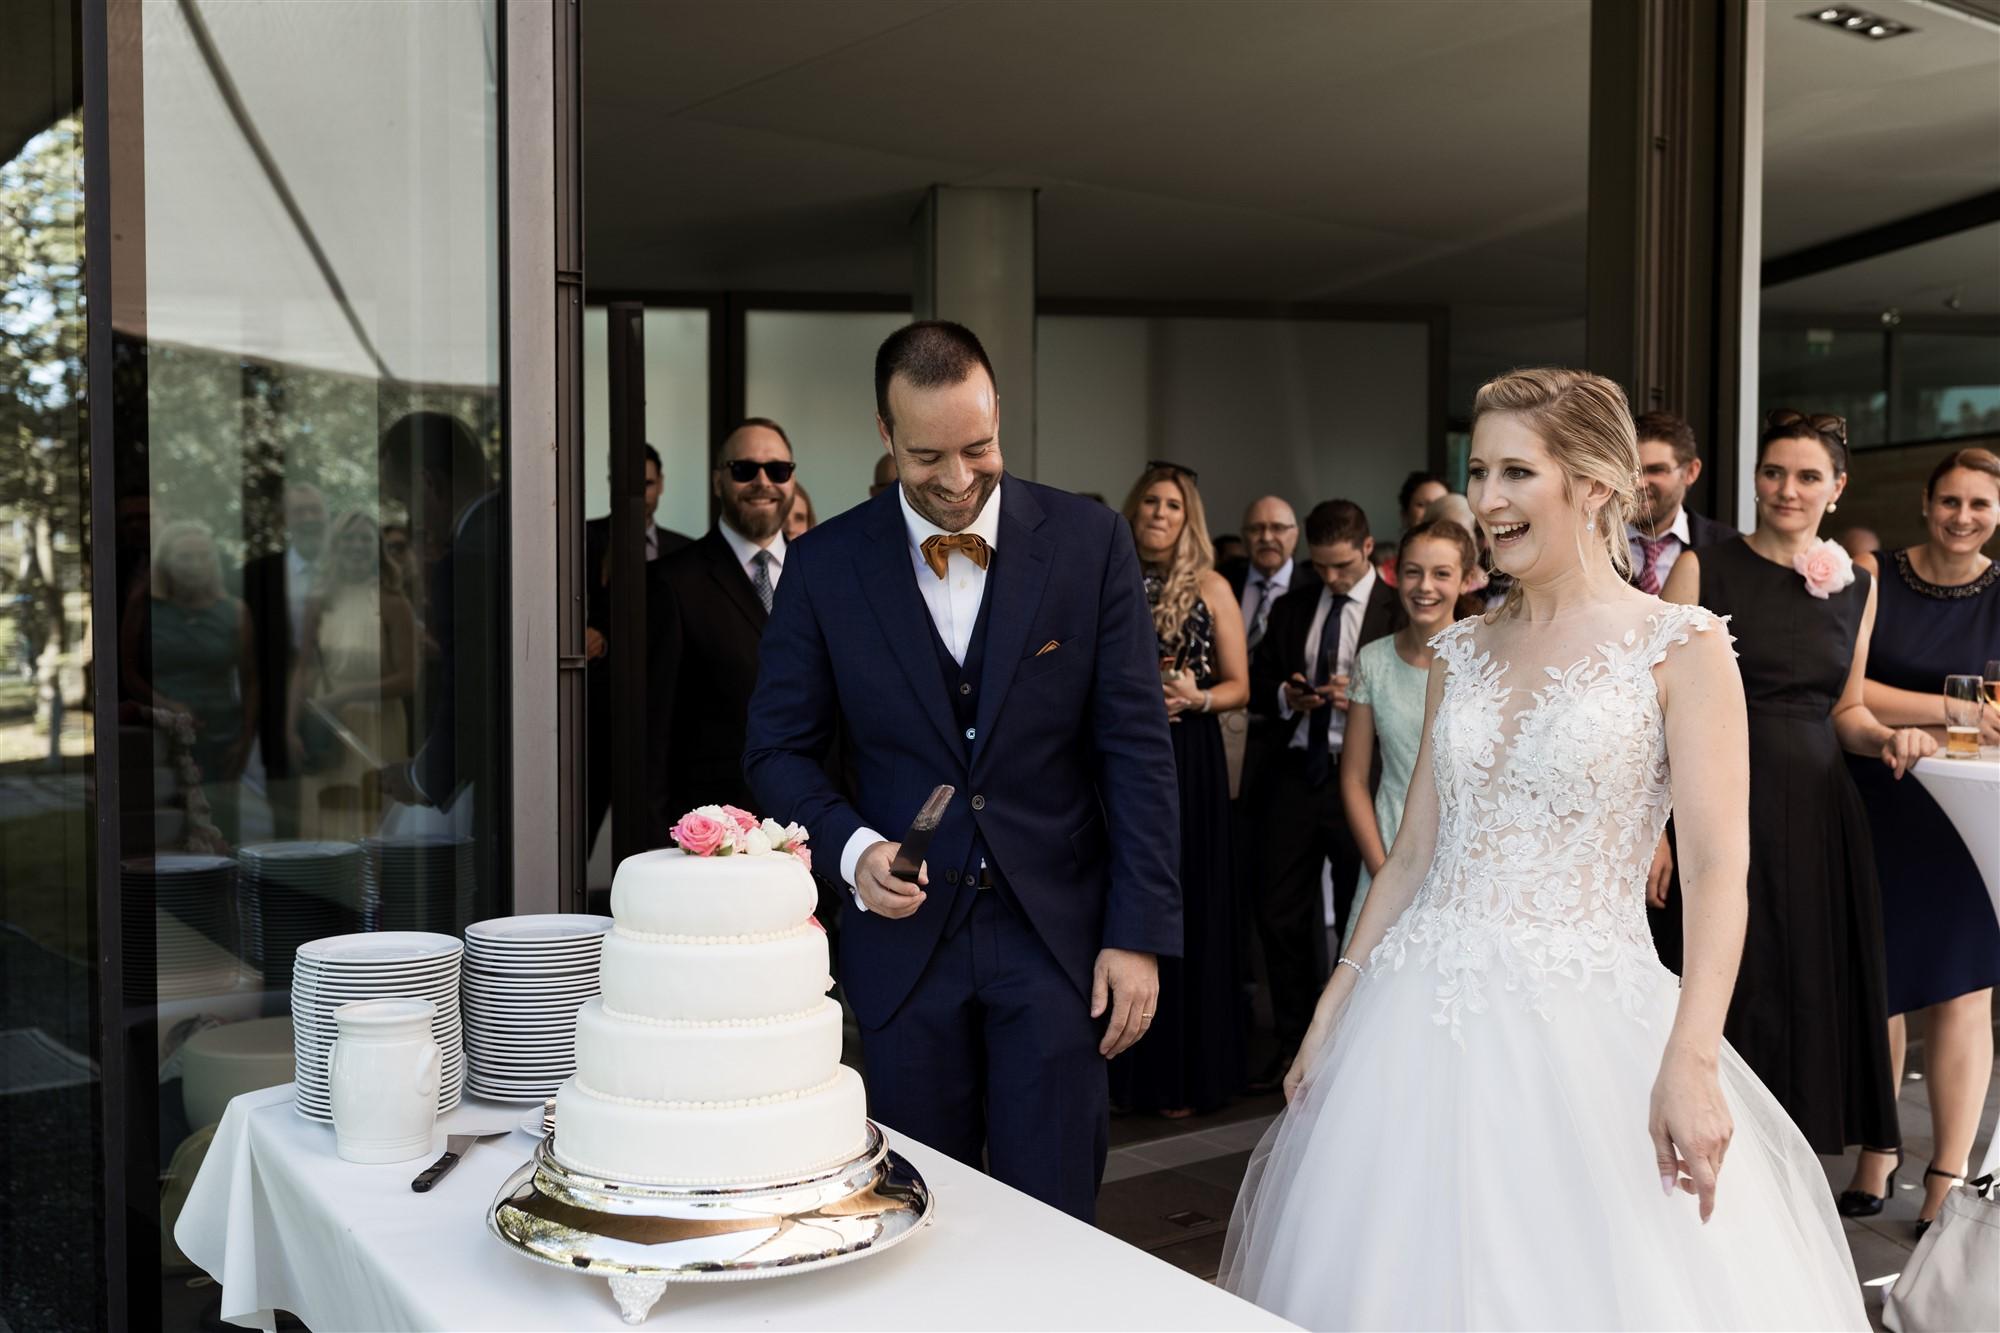 Freie Trauung im Hirzen Pavillon - Hochzeitstorte - Hochzeitsfotograf Basel